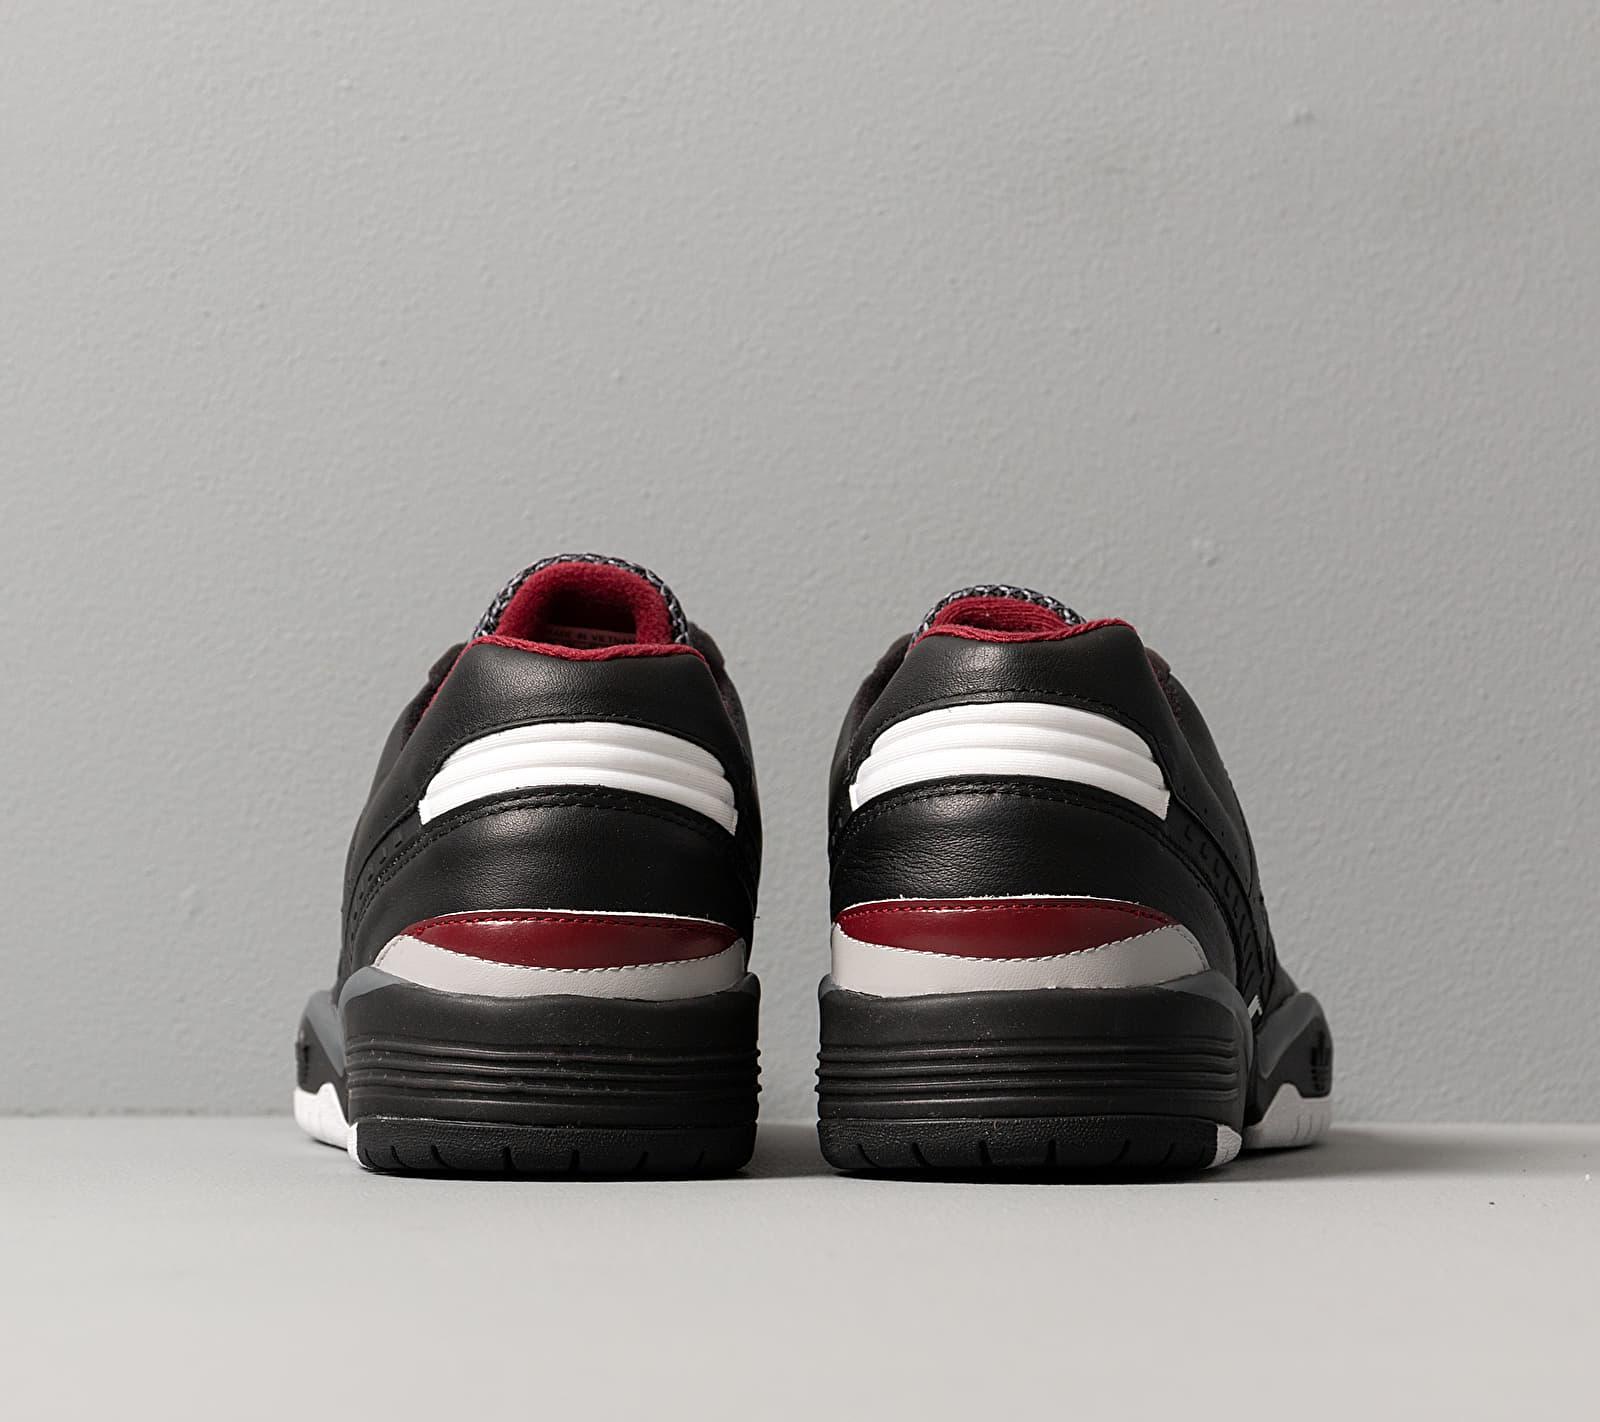 adidas Torsion Comp Core Black/ Ftw White/ Core Burgundy